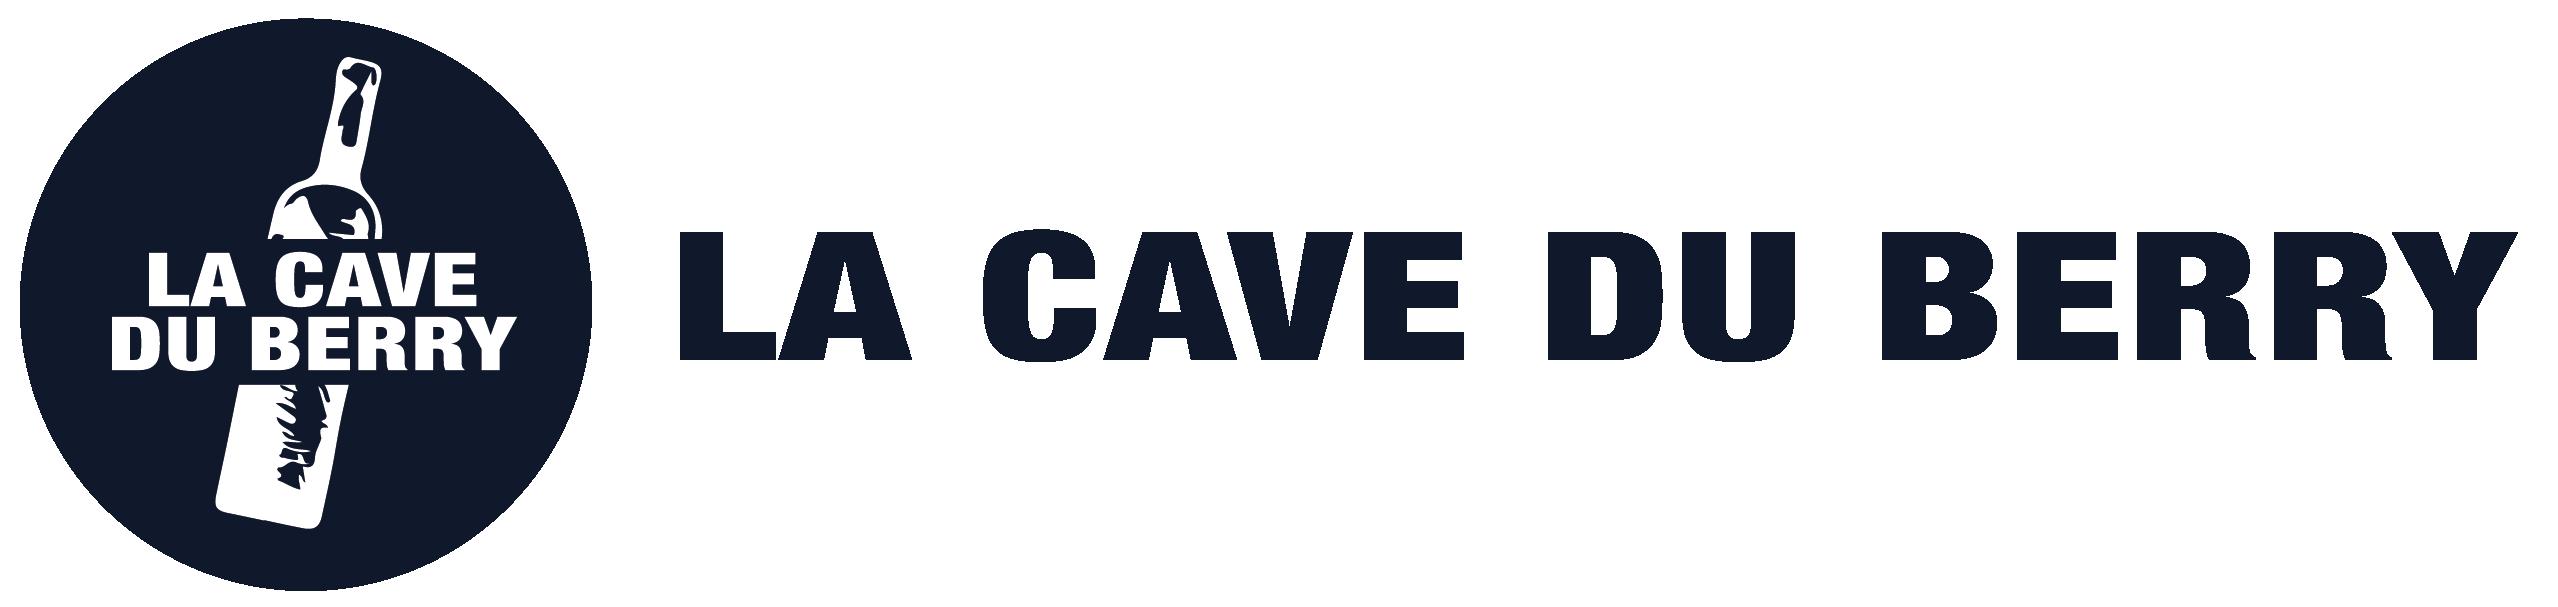 La Cave Du Berry